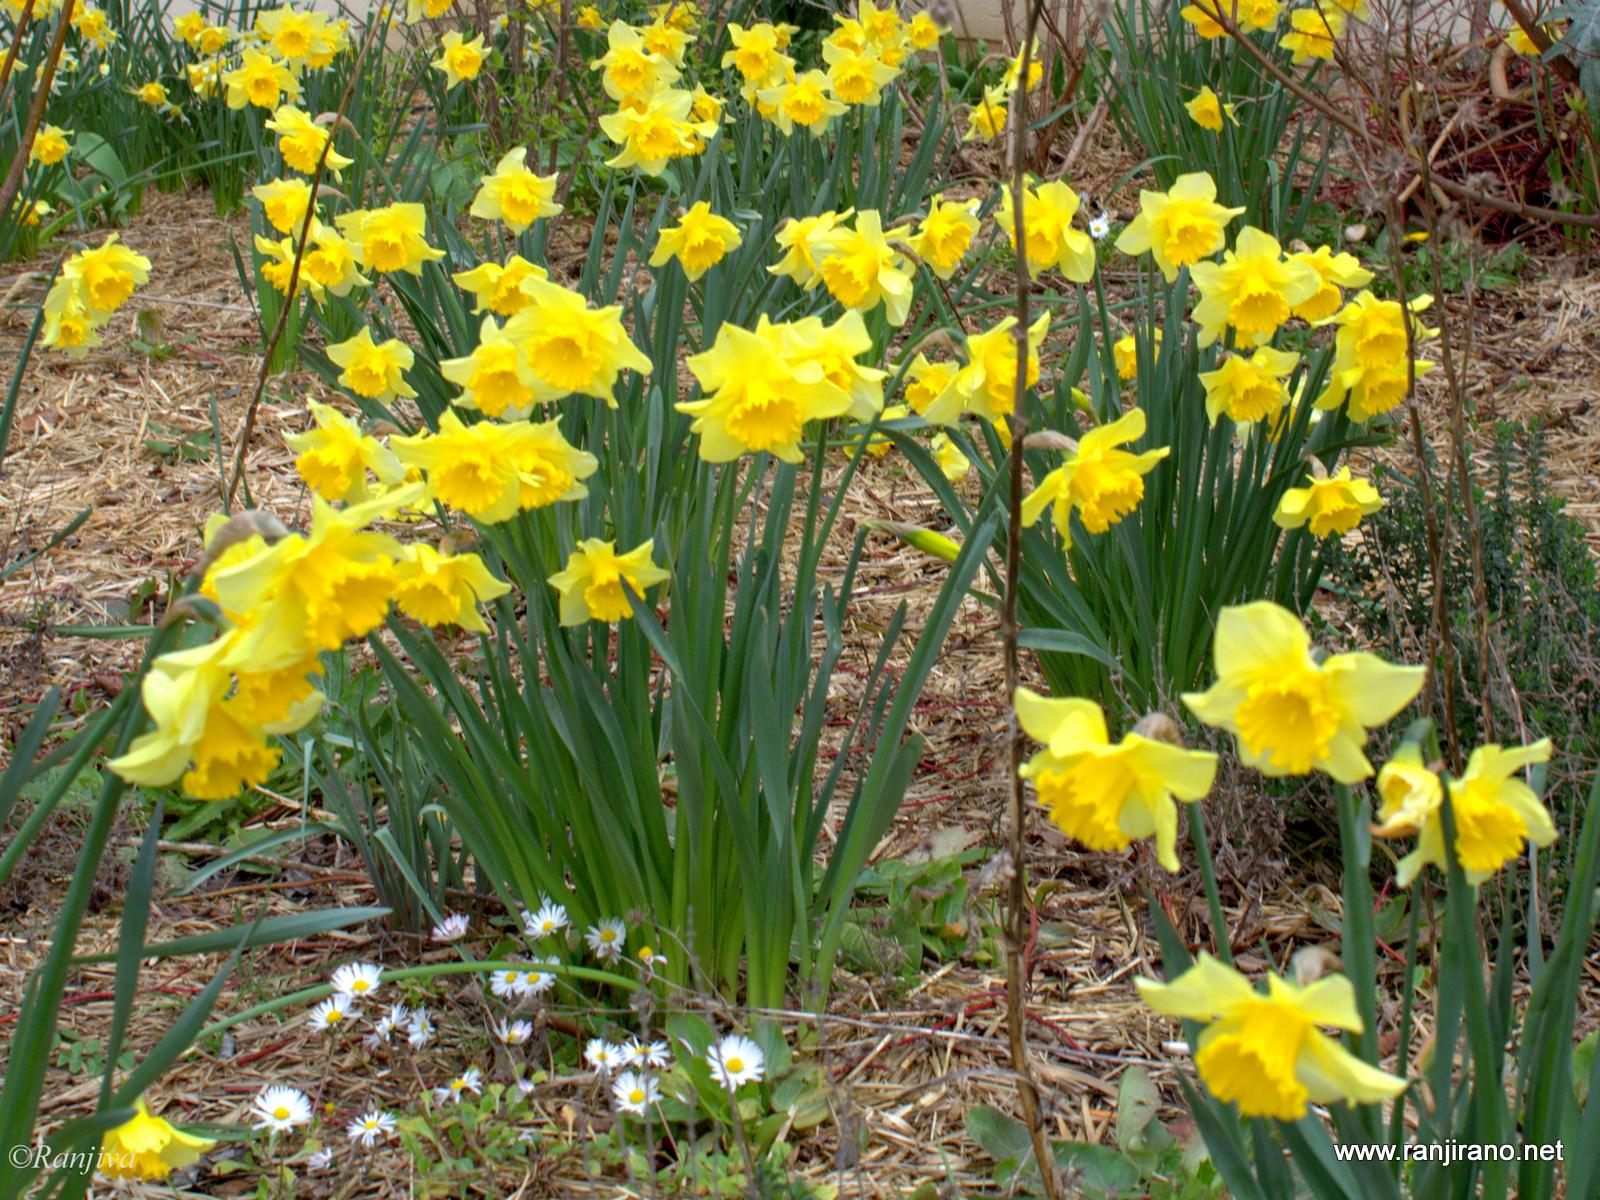 en attendant que le printemps s 39 installe des narcissus jaunes paysages et fleurs au fil de l 39 eau. Black Bedroom Furniture Sets. Home Design Ideas